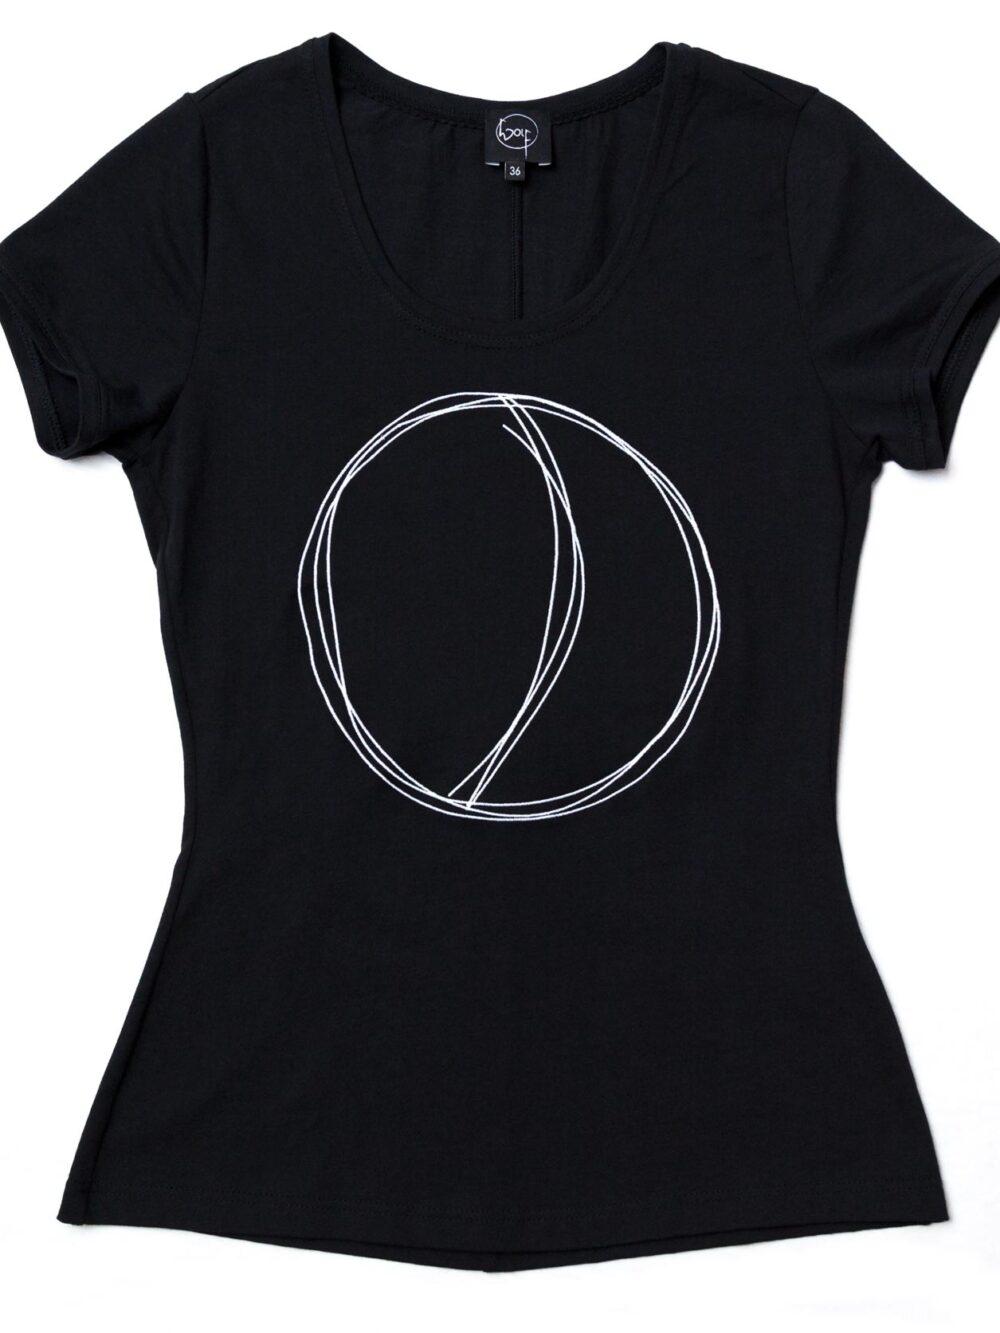 Besticktes T-Shirt aus schwarzer Biobaumwolle